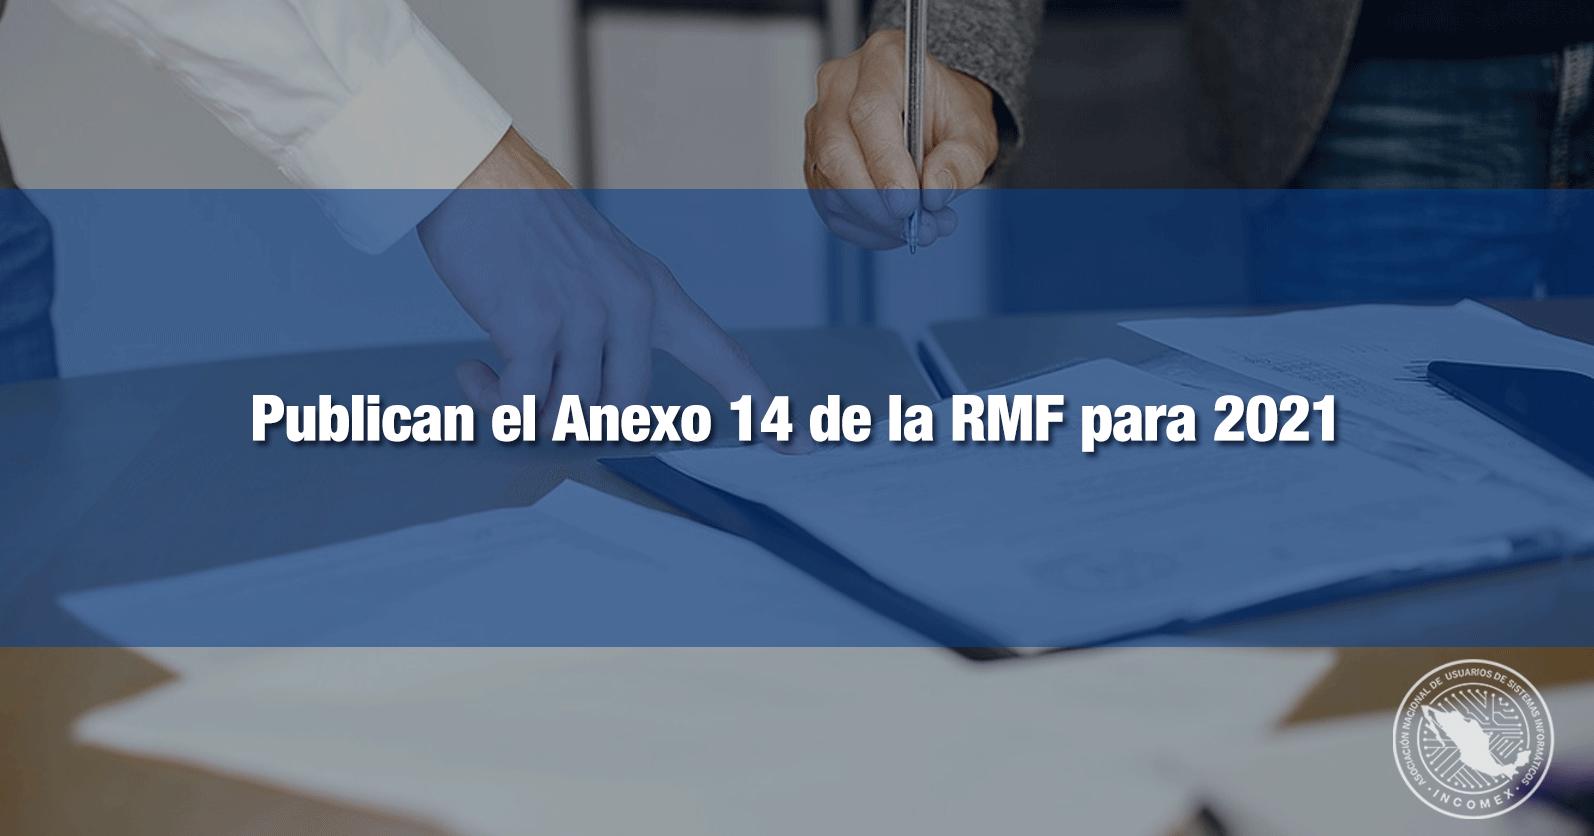 Publican el Anexo 14 de la RMF para 2021